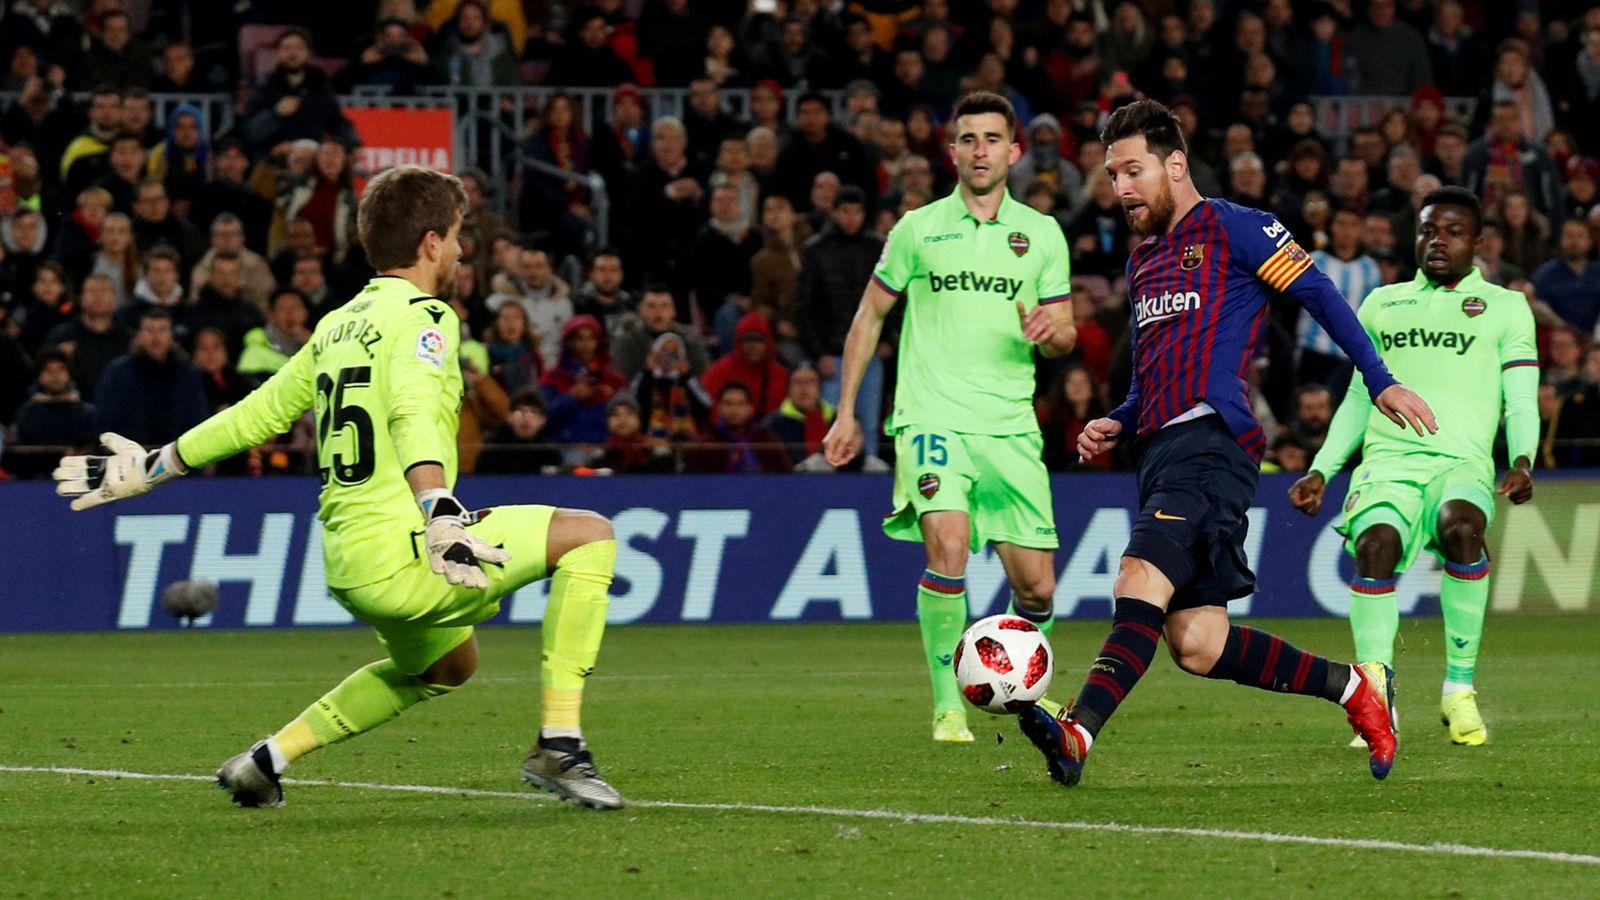 Foto: Copa del rey - round of 16 - second leg - fc barcelona v levante